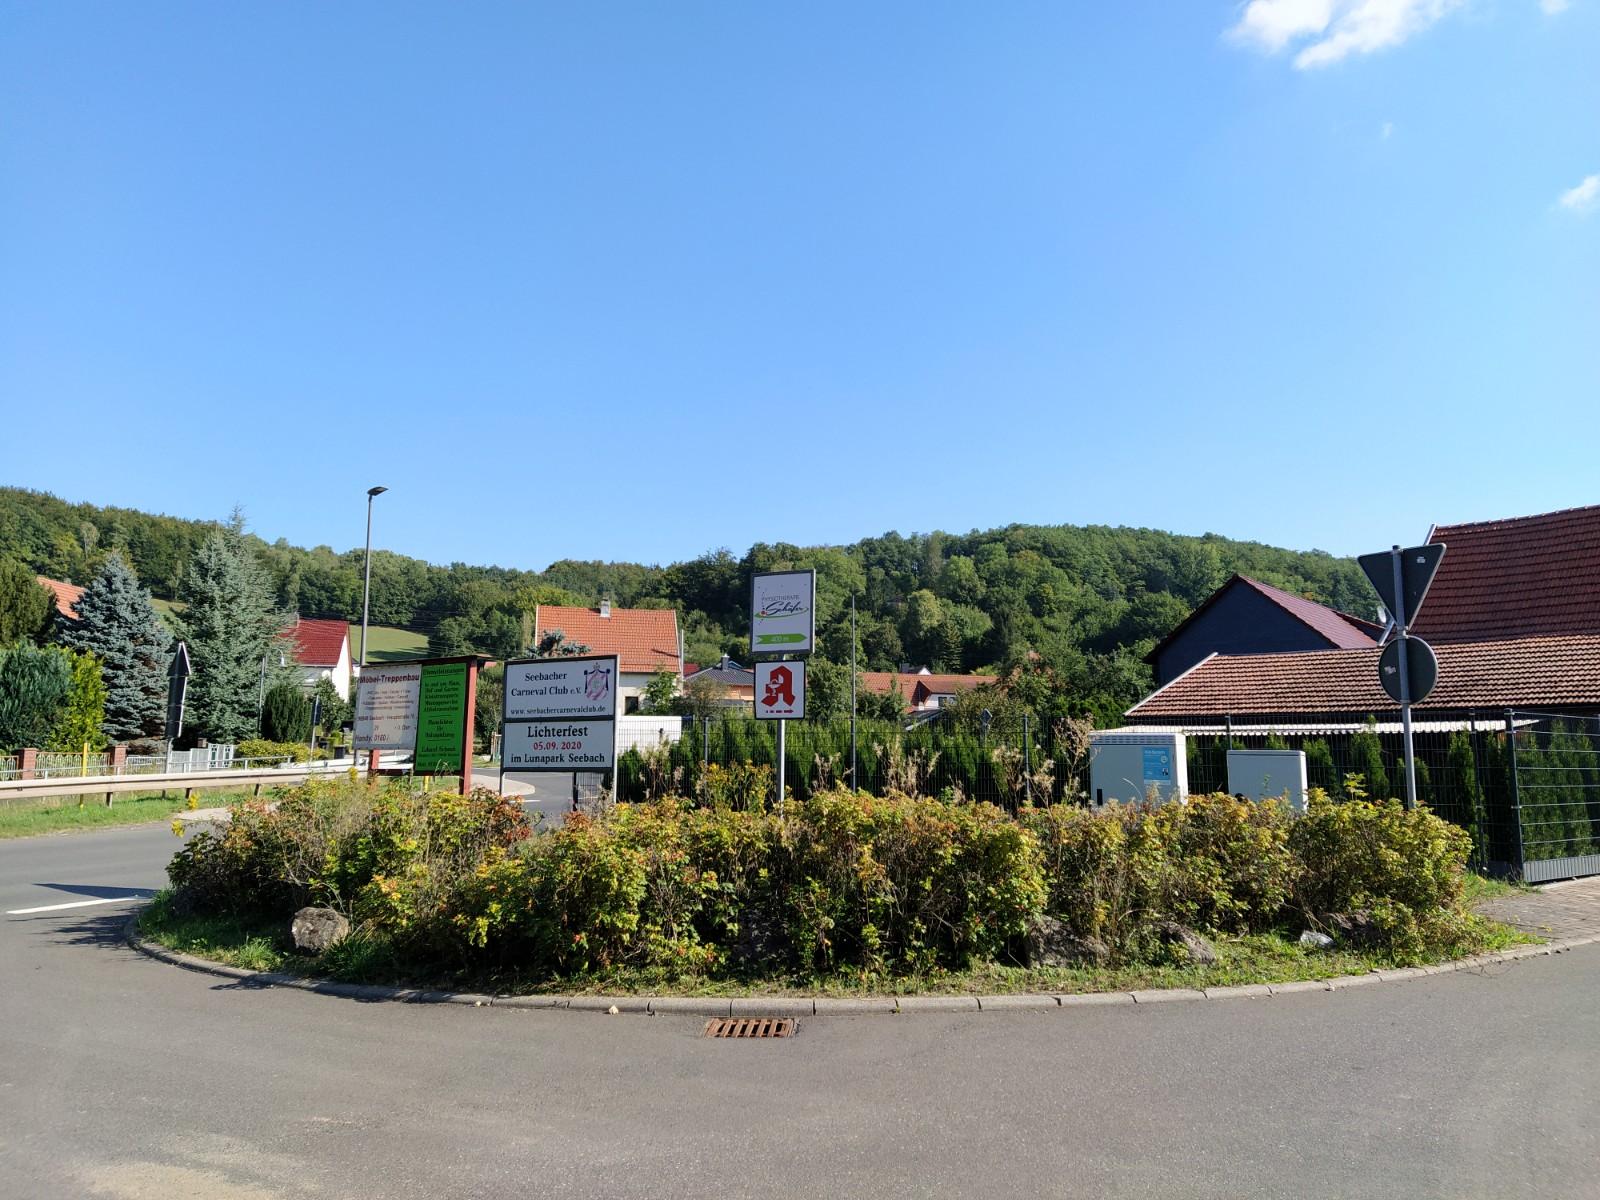 Ortseingang der Gemeinde Seebach, Hauptstraße mit Blick auf eine Reihe Sträucher am Straßenrand.